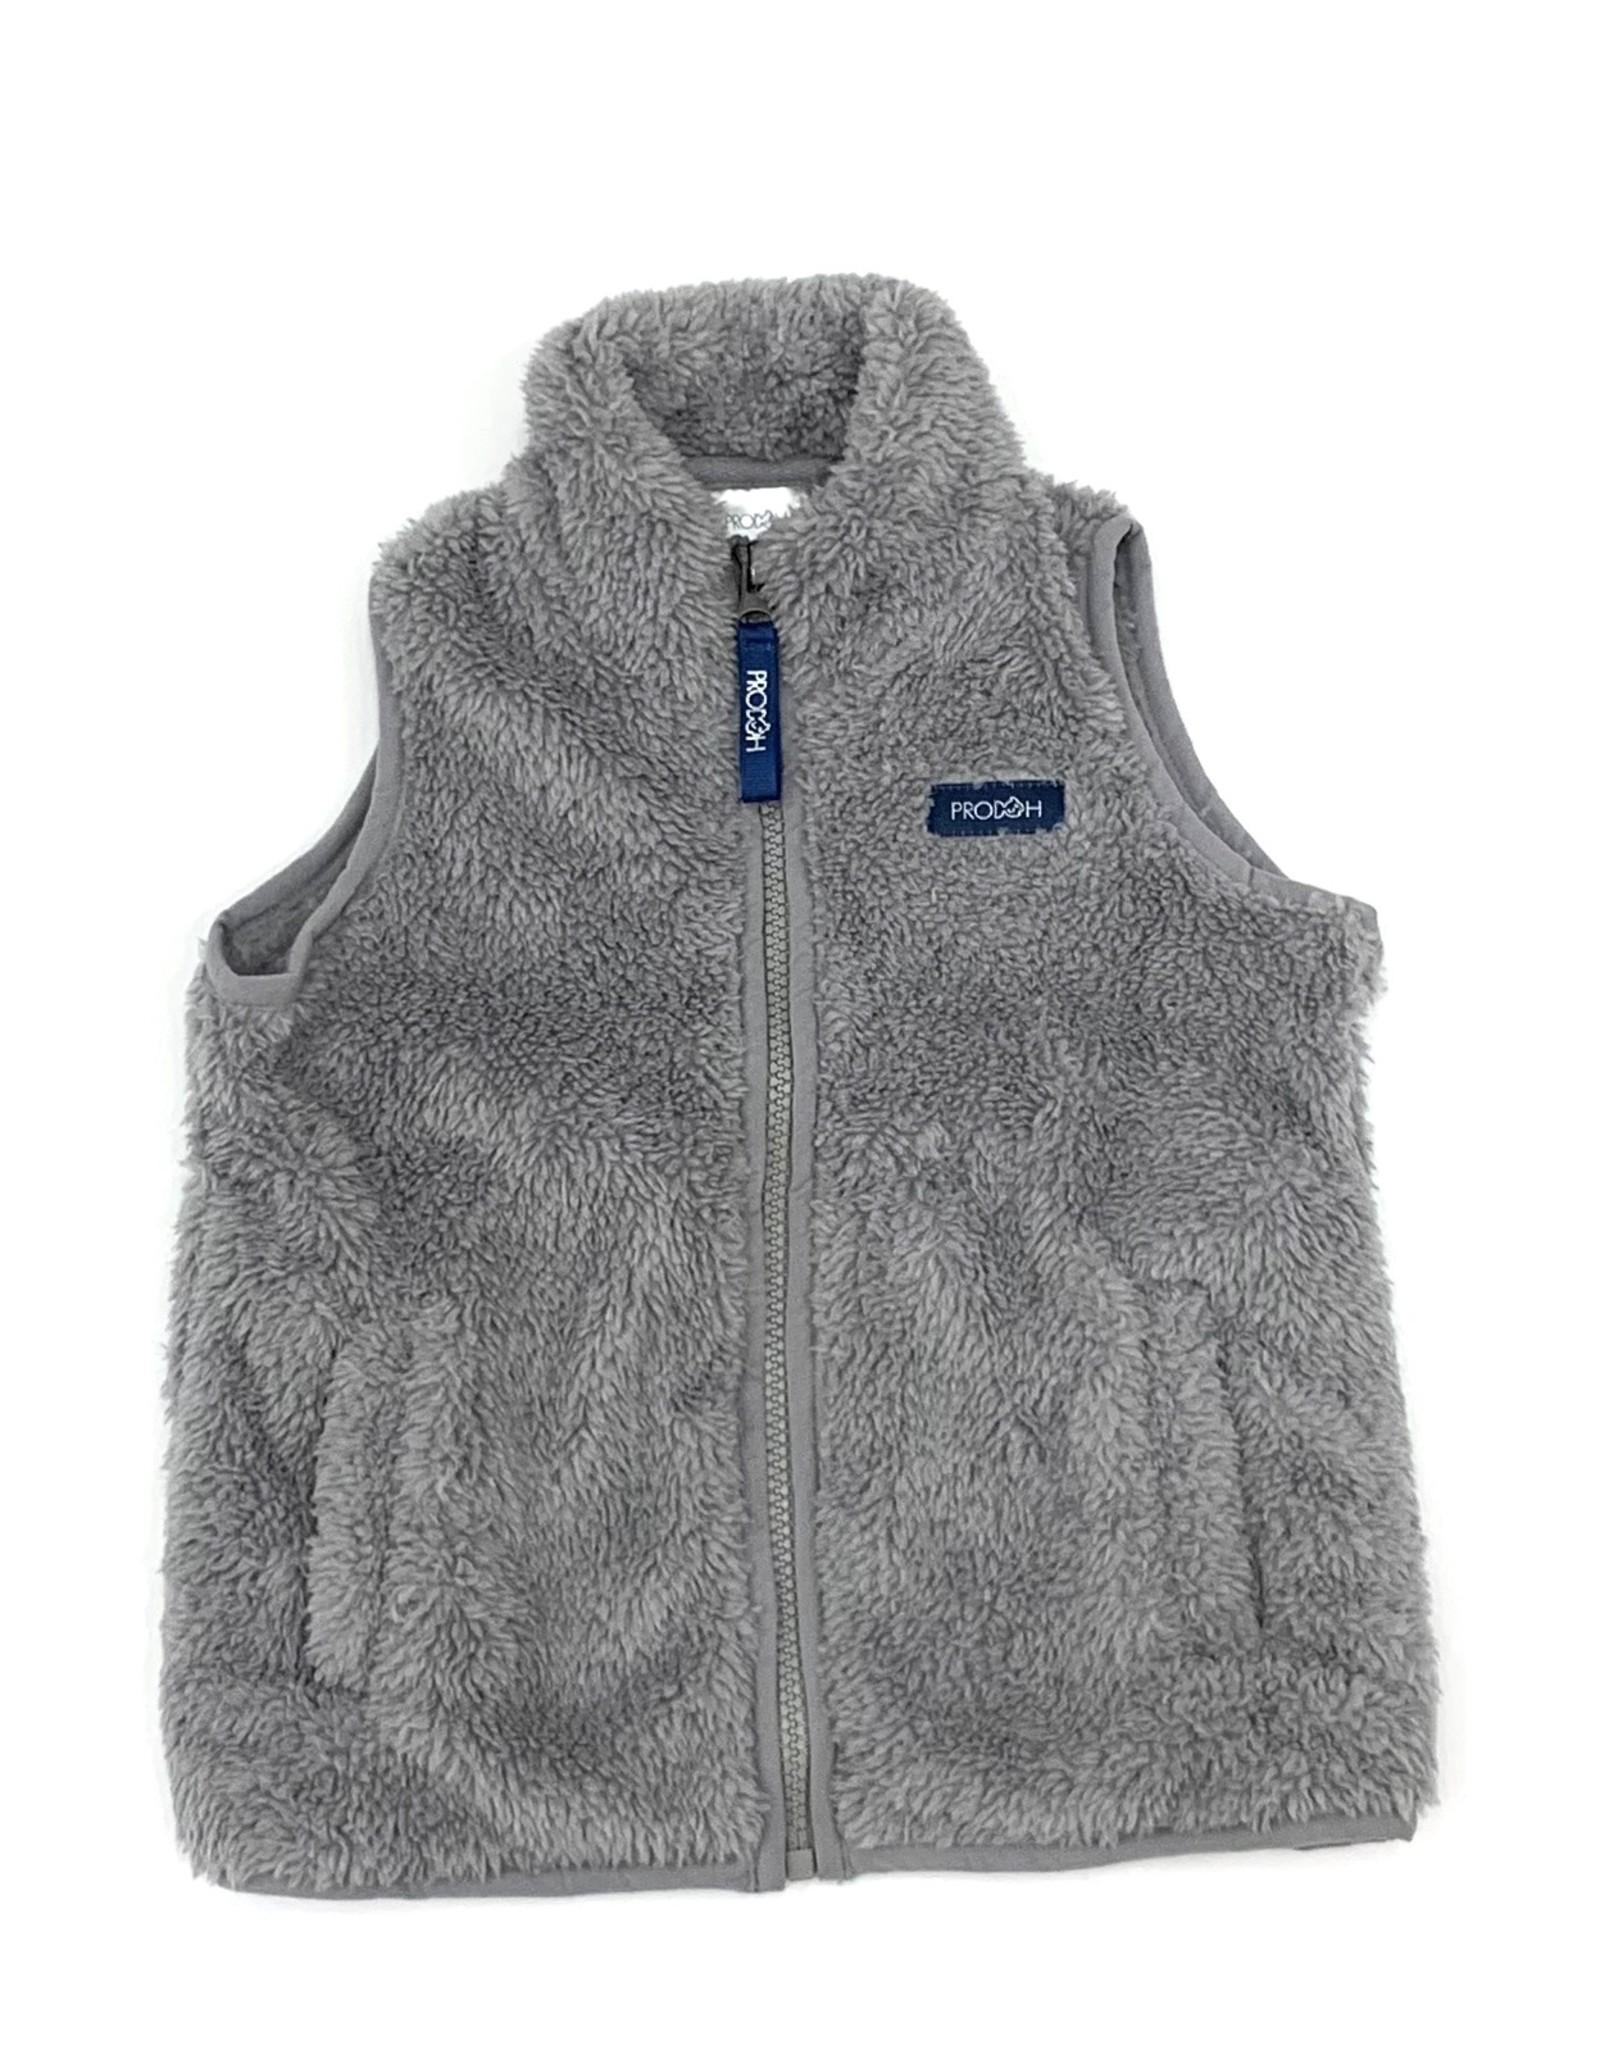 Prodoh Sherpa Vest